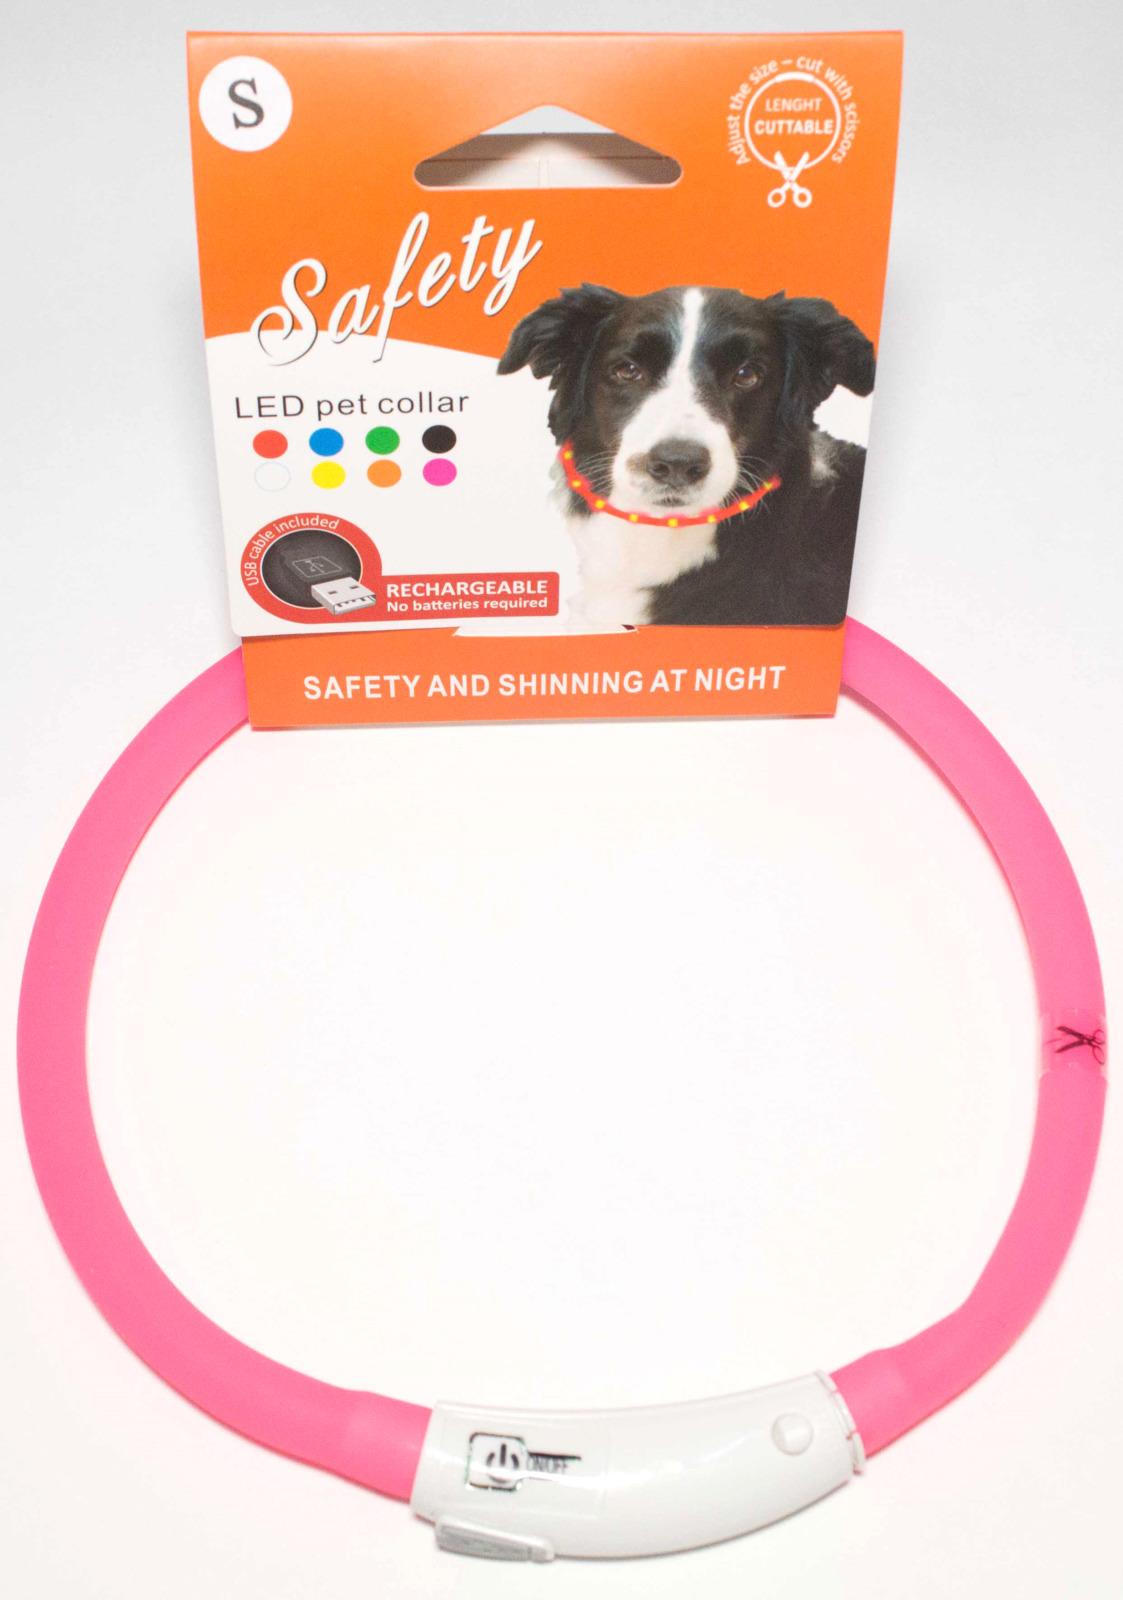 Ошейник для собак Meijing Aquarium, светящийся, с USB-зарядкой, JPF-008UL-pink, розовый недорого